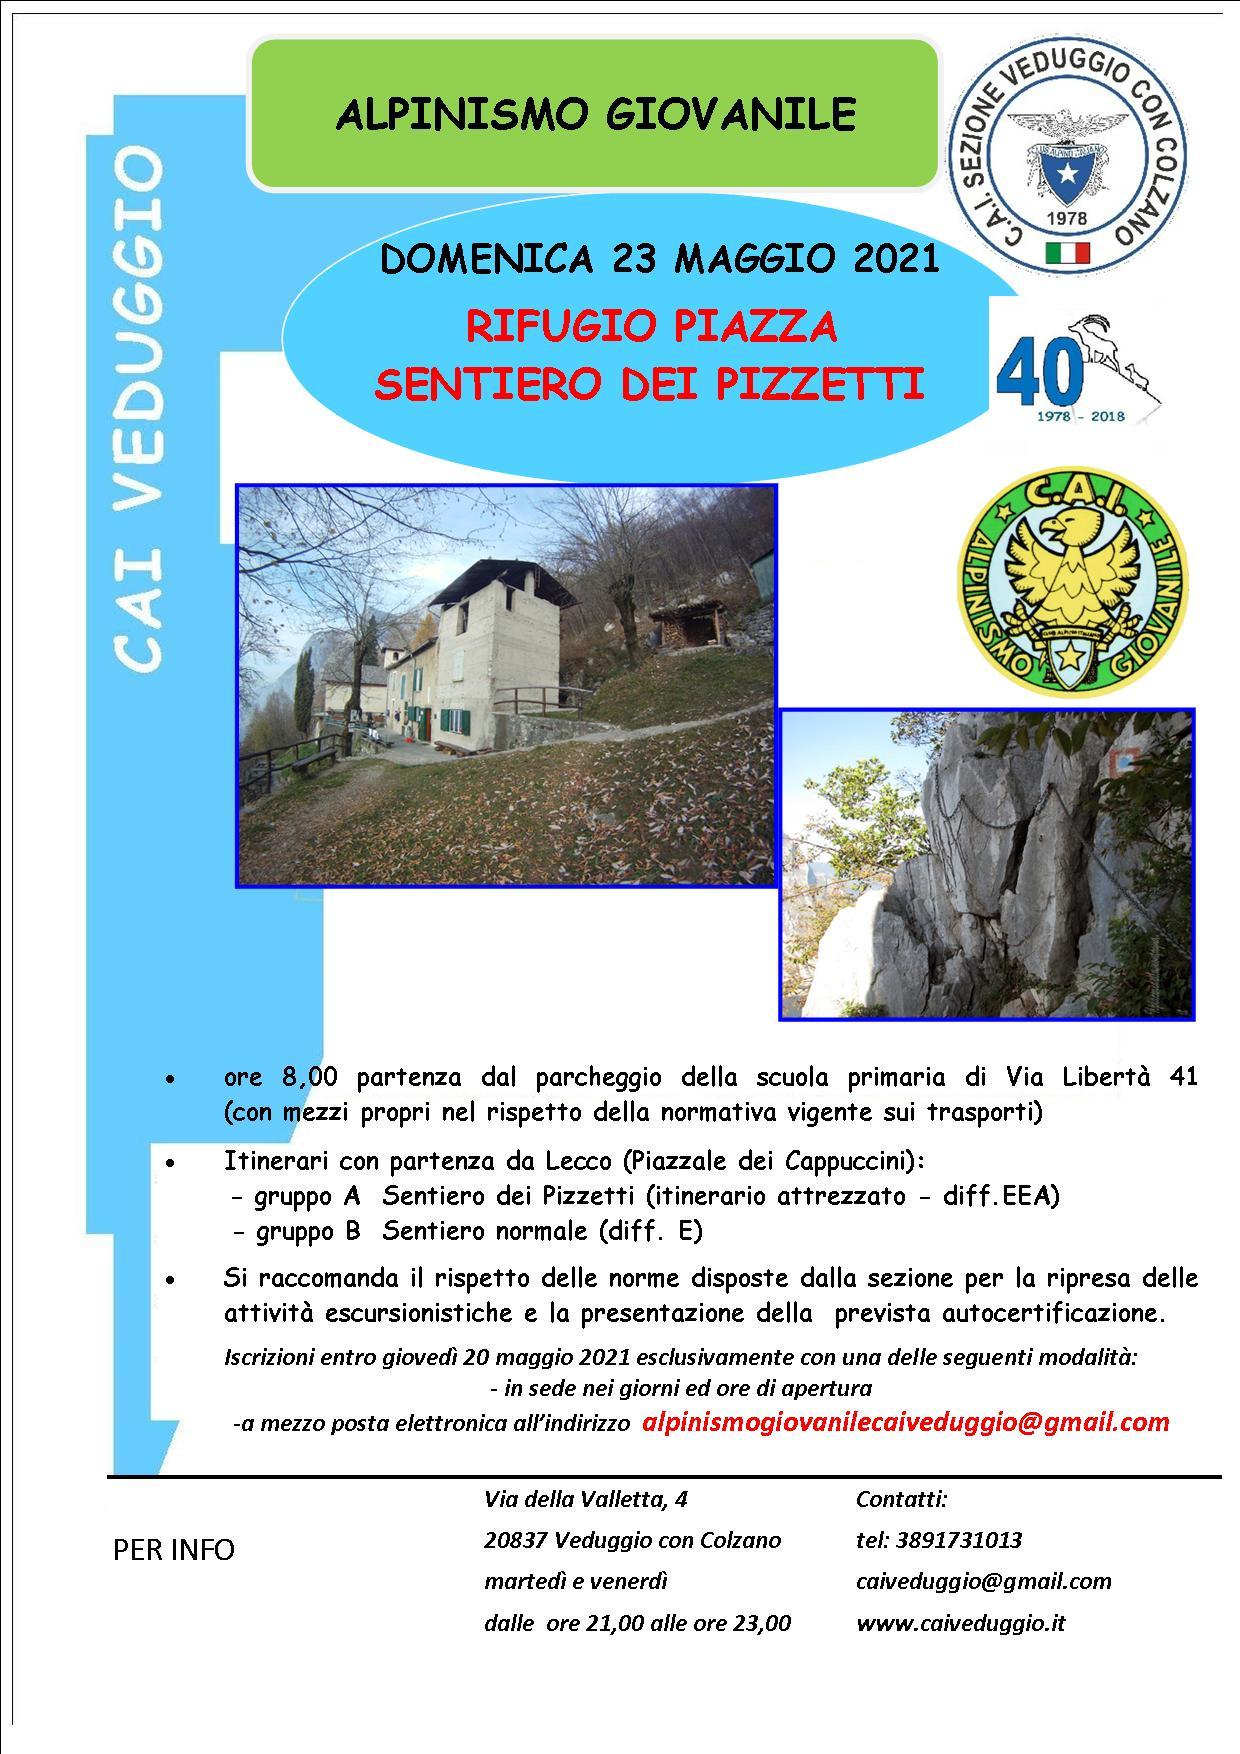 Domenica 23 maggio 2021 – Rifugio Piazza/Sentiero dei pizzetti – Alpinismo Giovanile